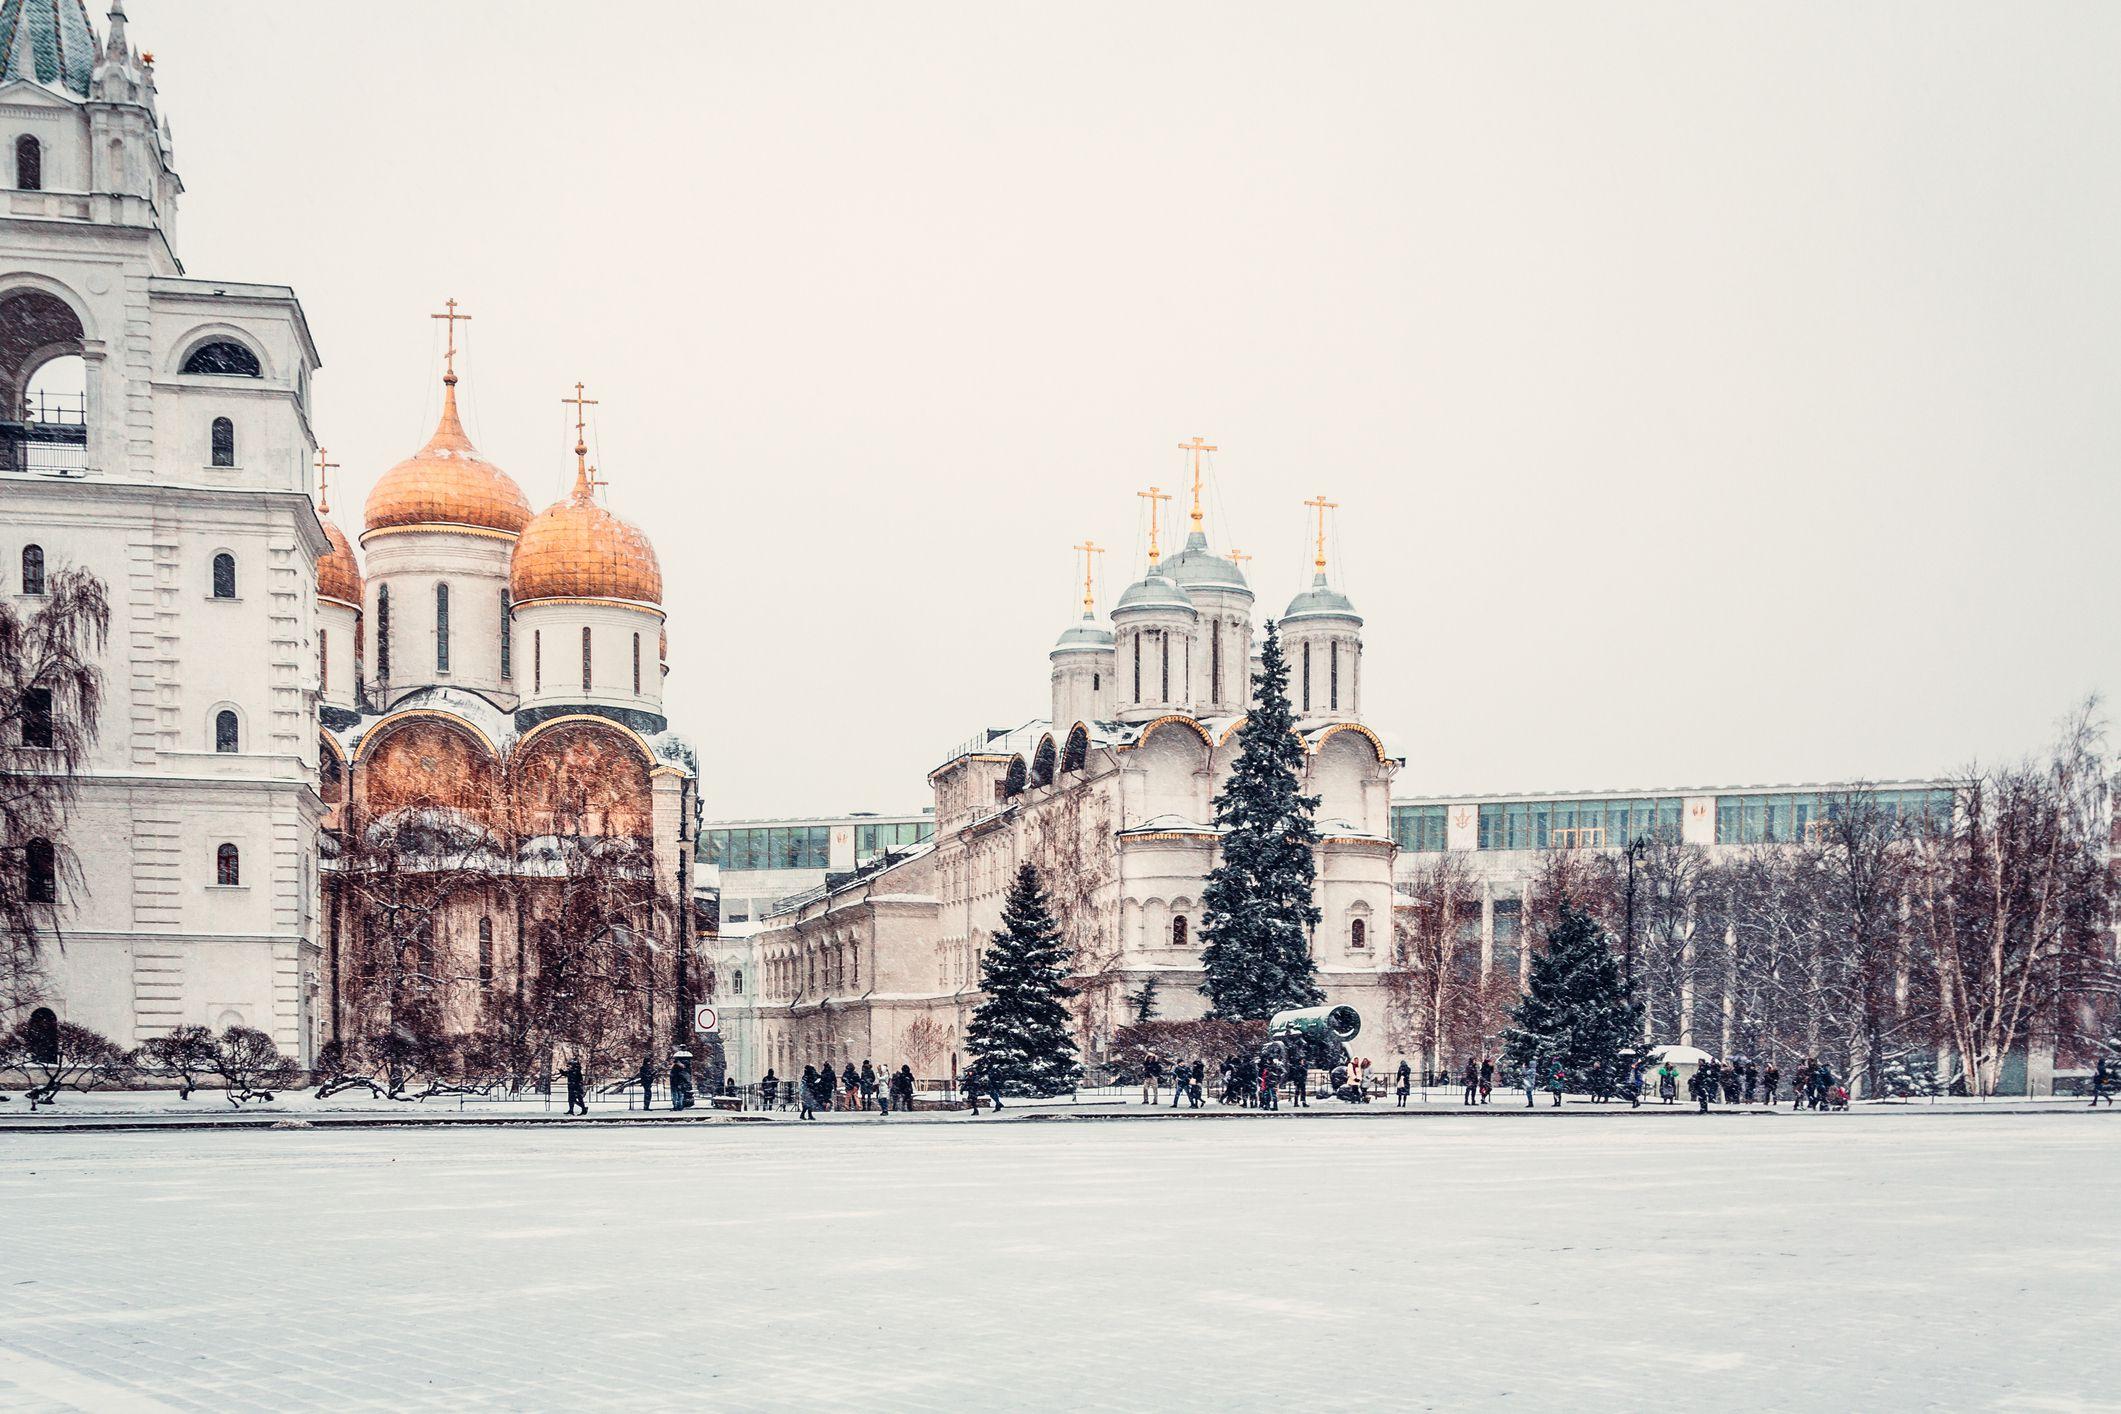 cel mai bun produse noi calde vânzare Marea Britanie Cadouri de vacanță și Suveniruri din Rusia